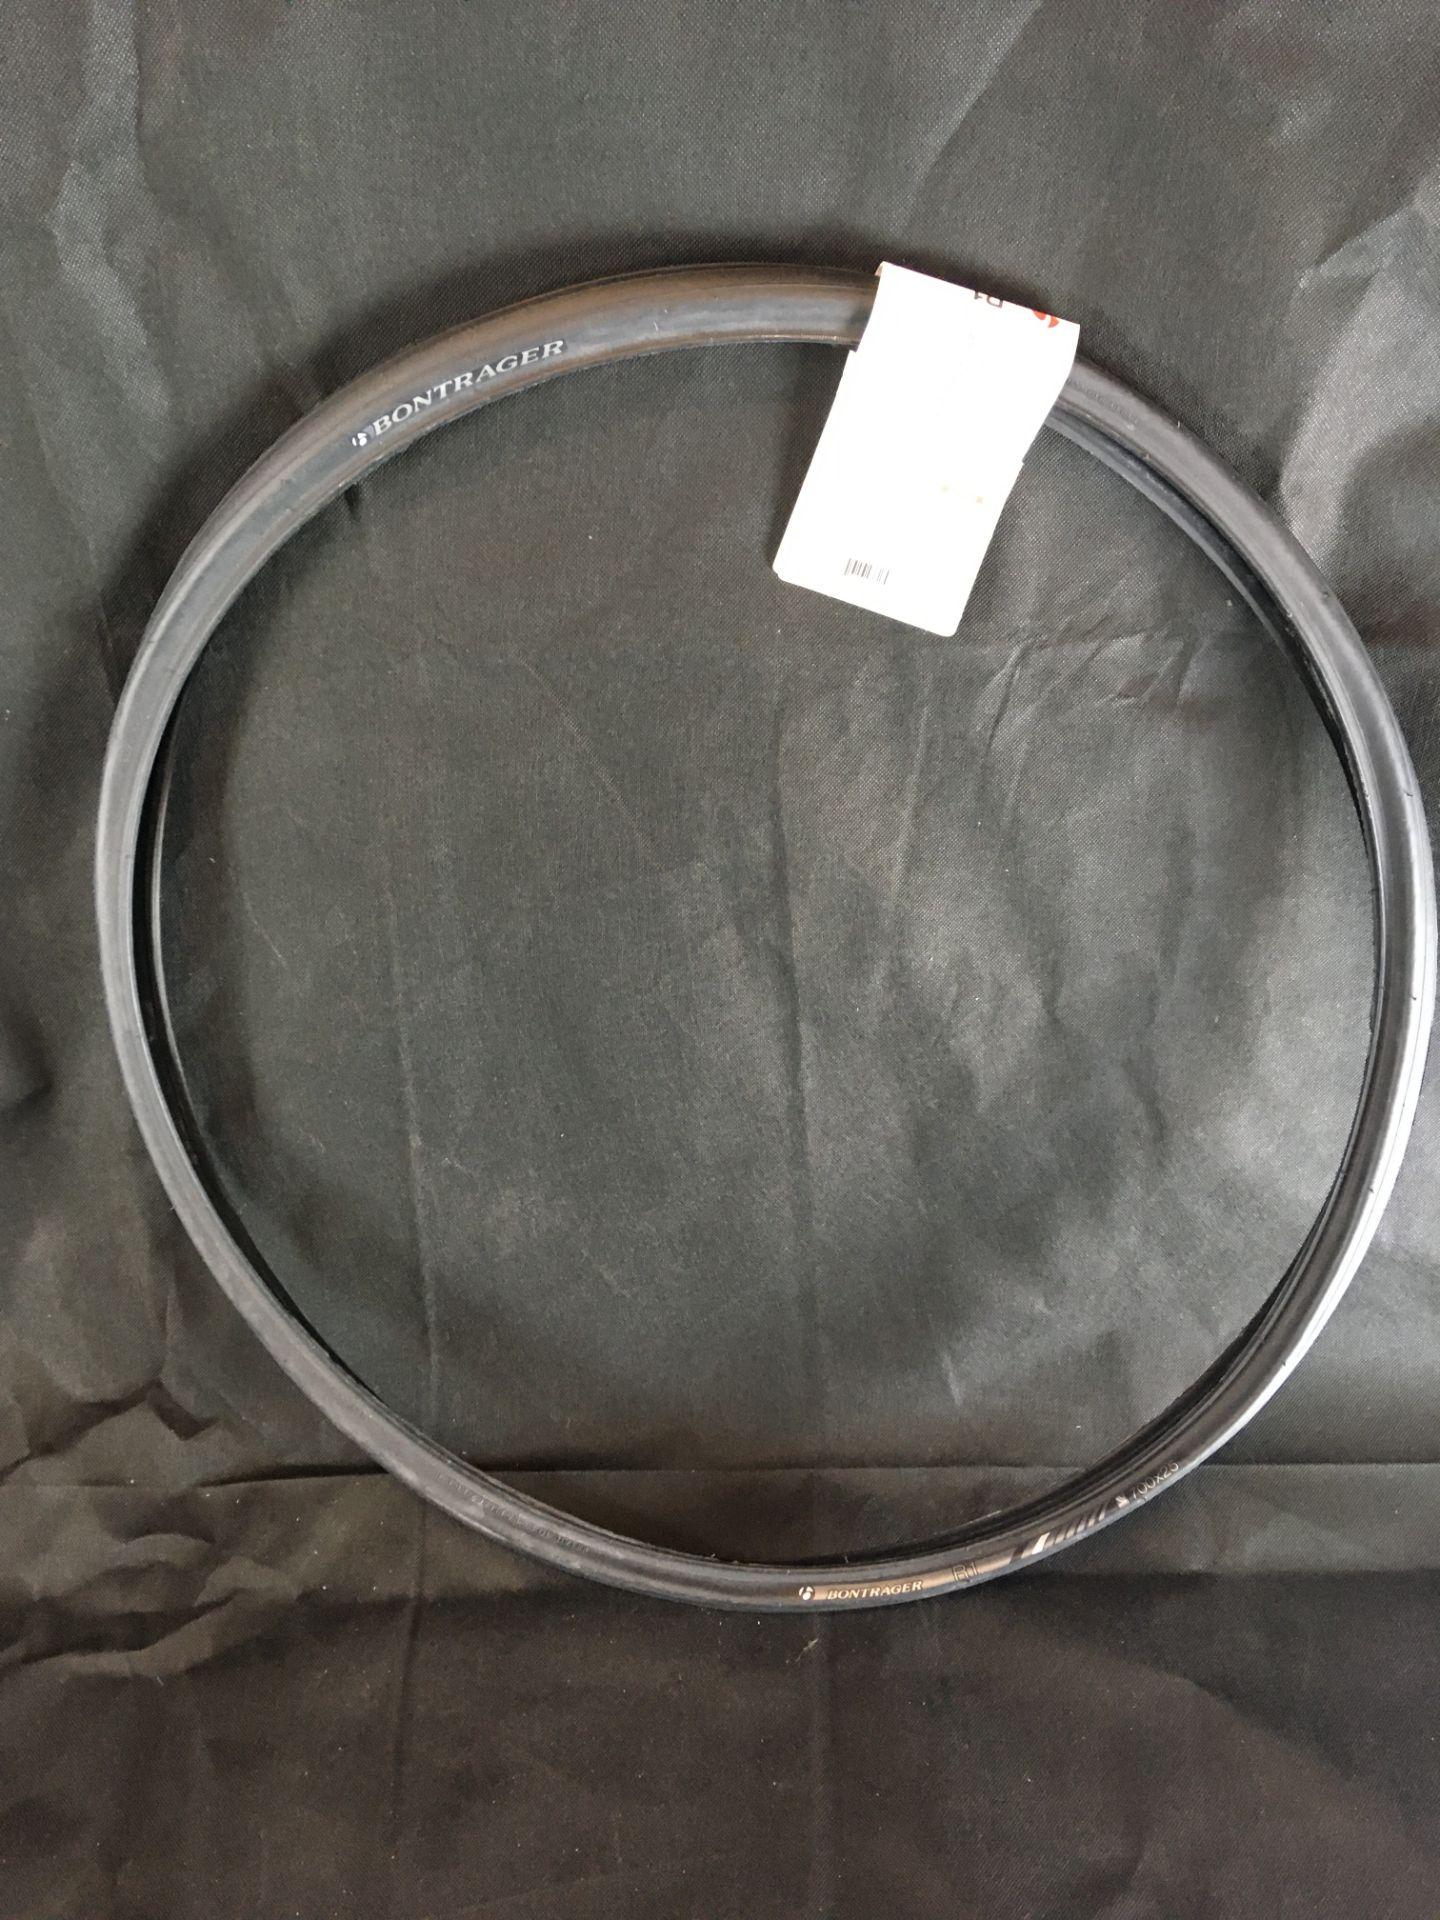 Los 637 - New Bontrager R1 Hard-Case Road Tyre